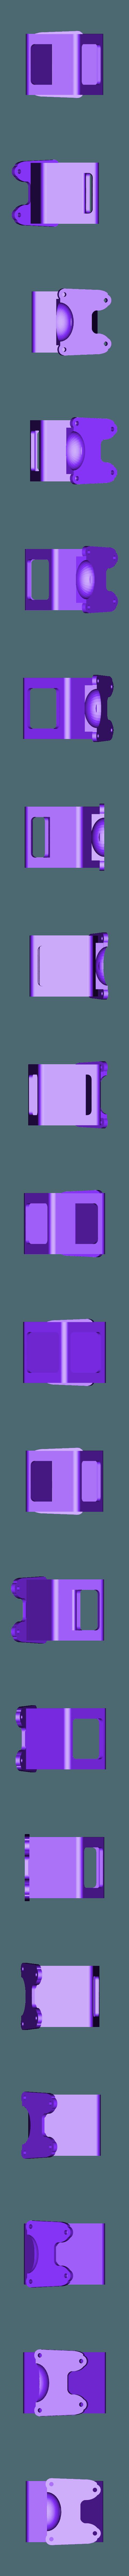 Mark_II_runcam5_mount_25d.stl Télécharger fichier STL gratuit Runcam 5 Case / Mark II 25° montage 25 • Objet imprimable en 3D, Gophy